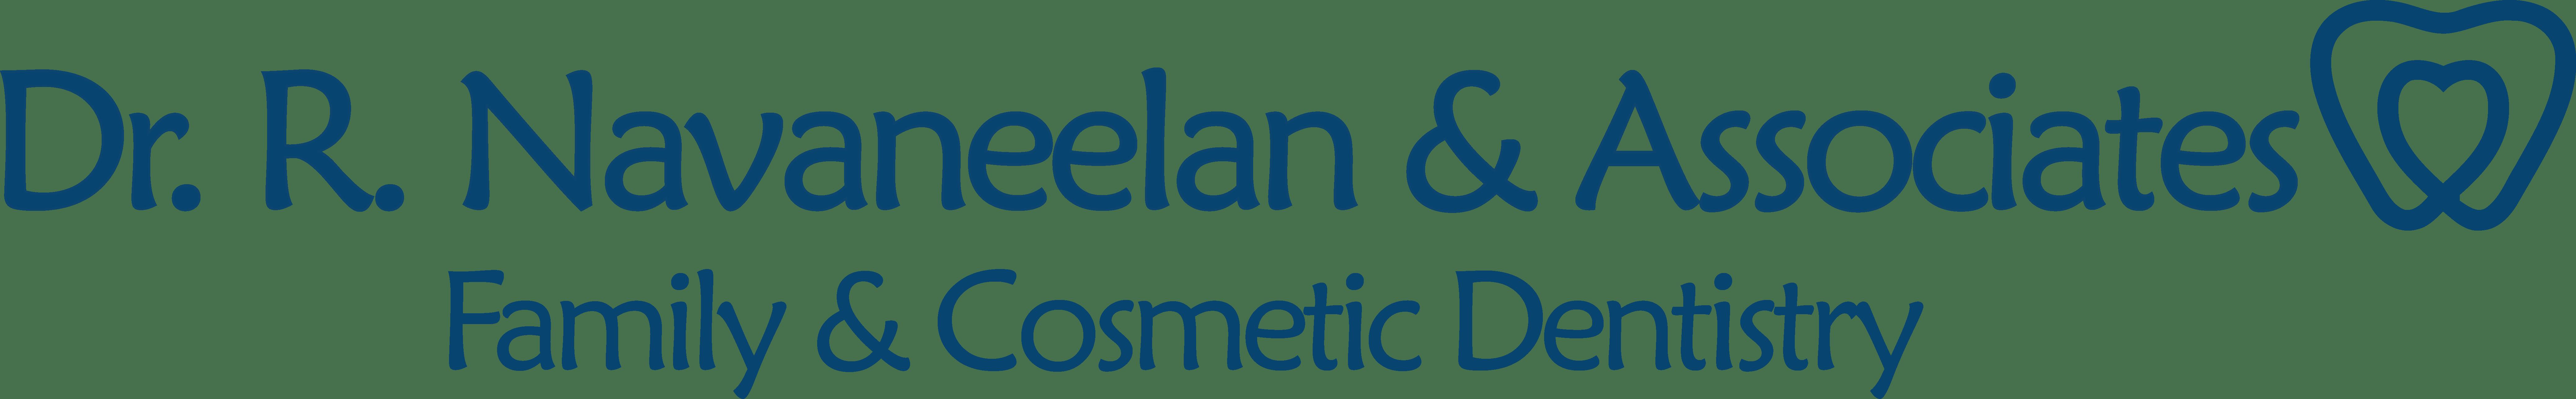 Dr. Rachel Navaneelan & Associates Logo